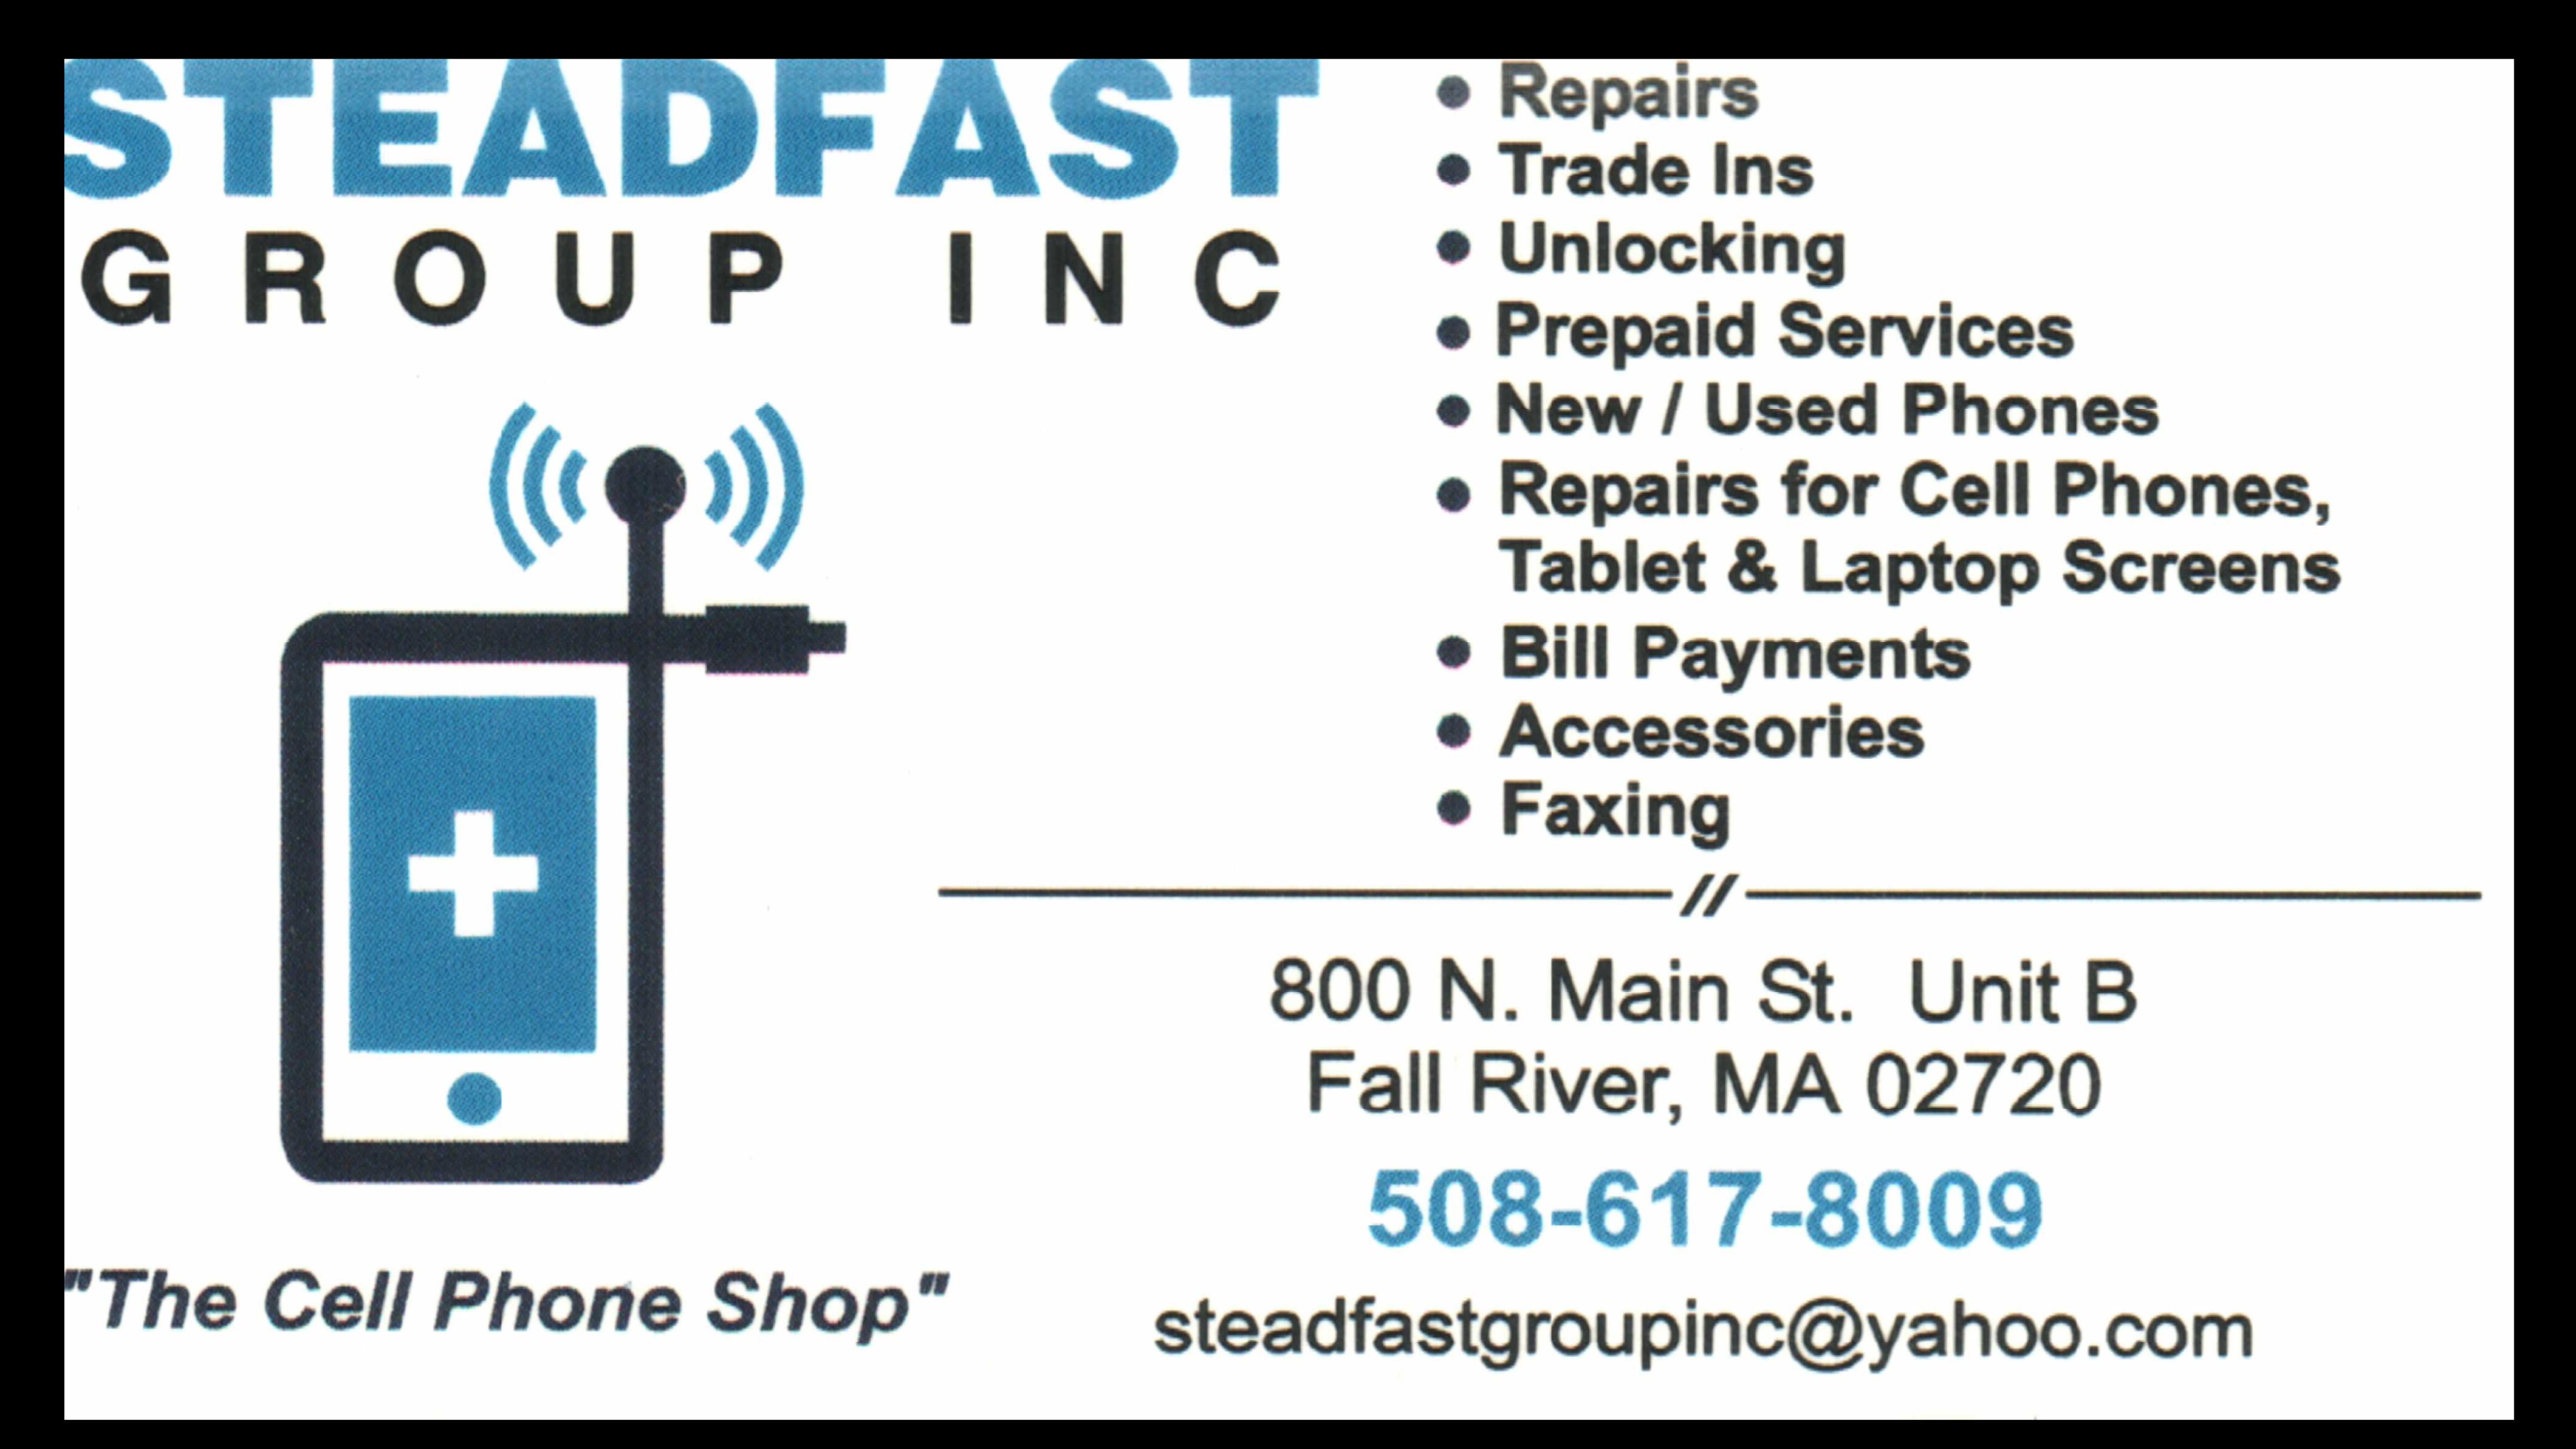 Steadfast Phone Sales and Repair